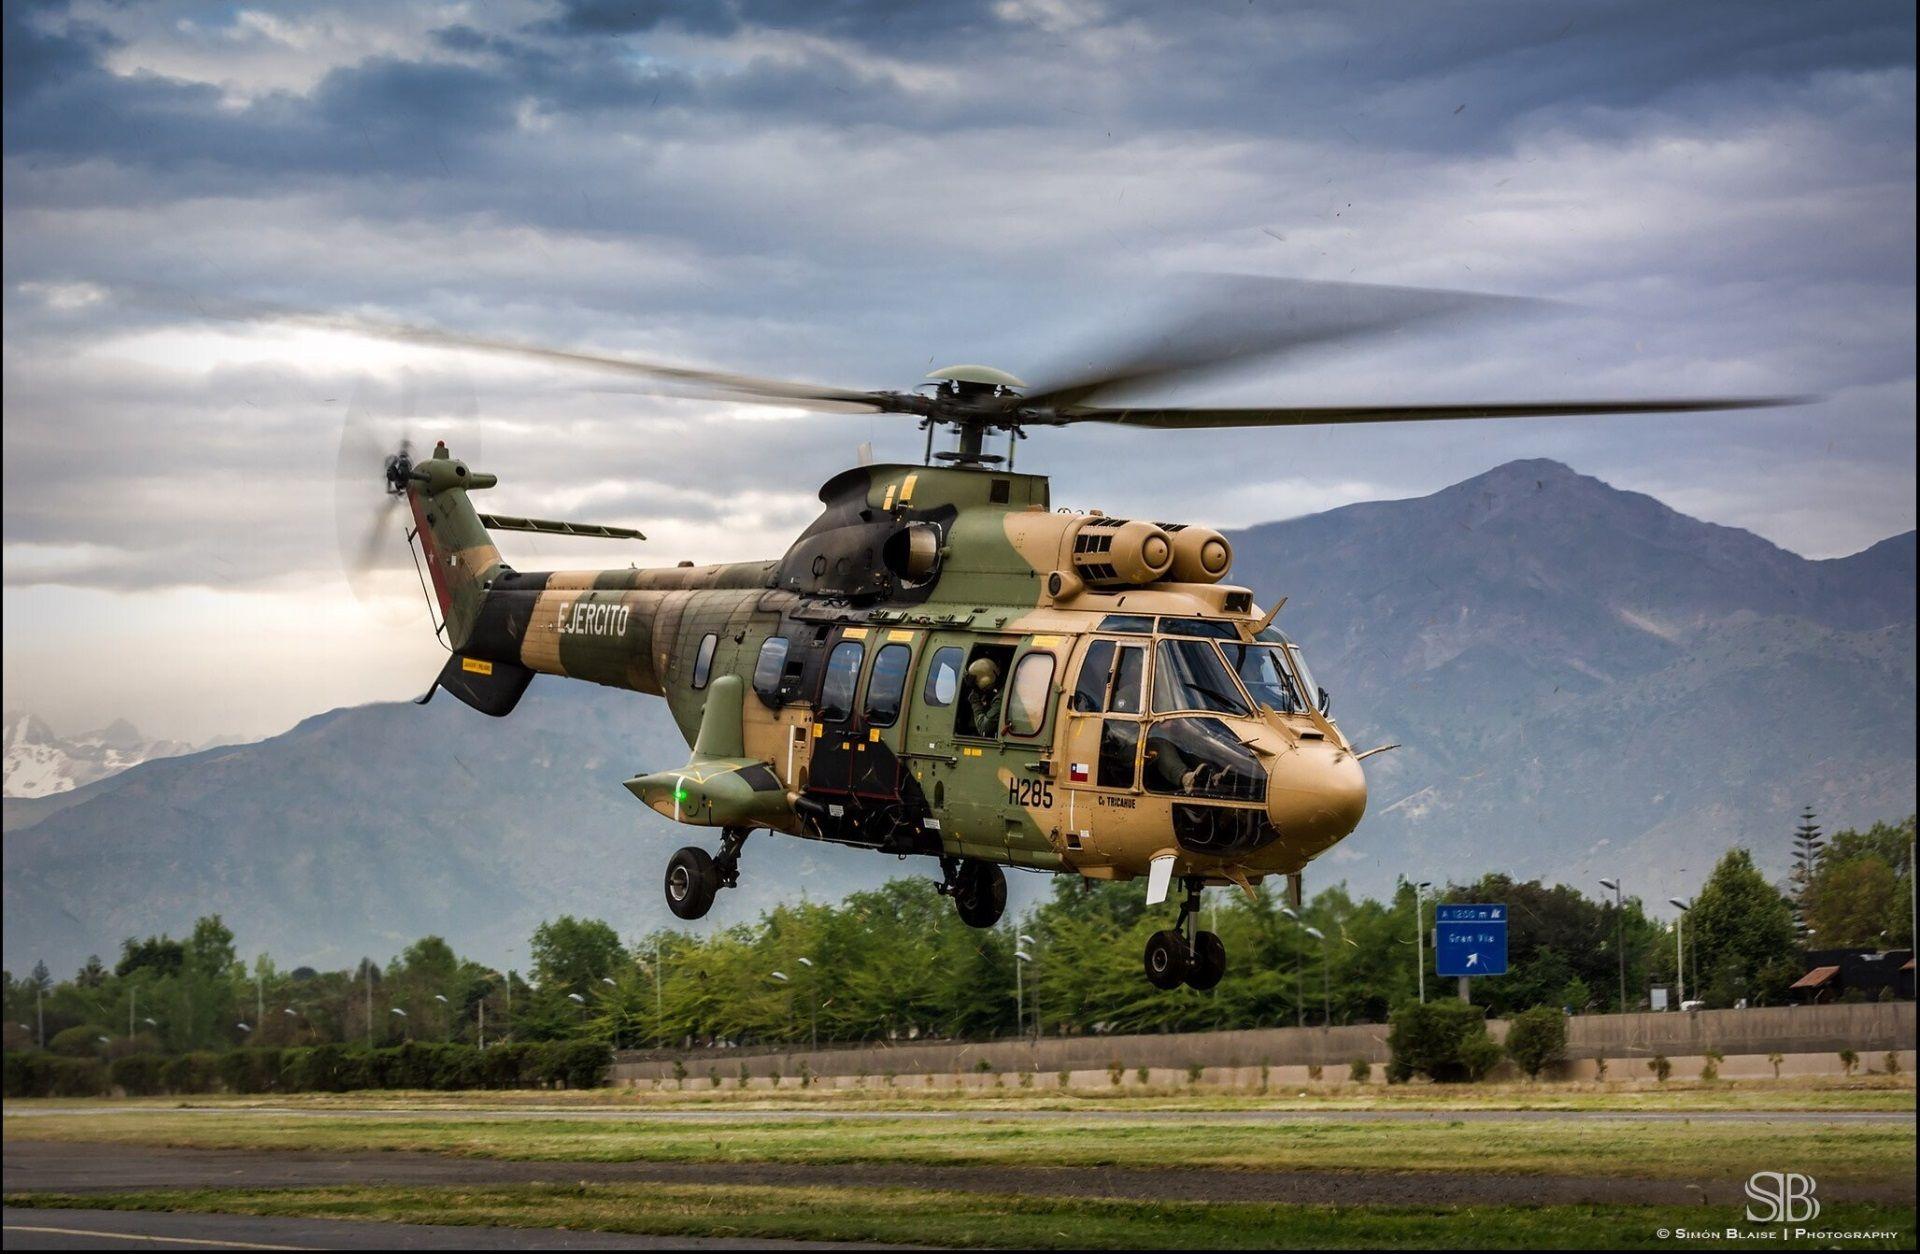 картинки боевых самолетов и вертолетов подсчете популярности учитывали